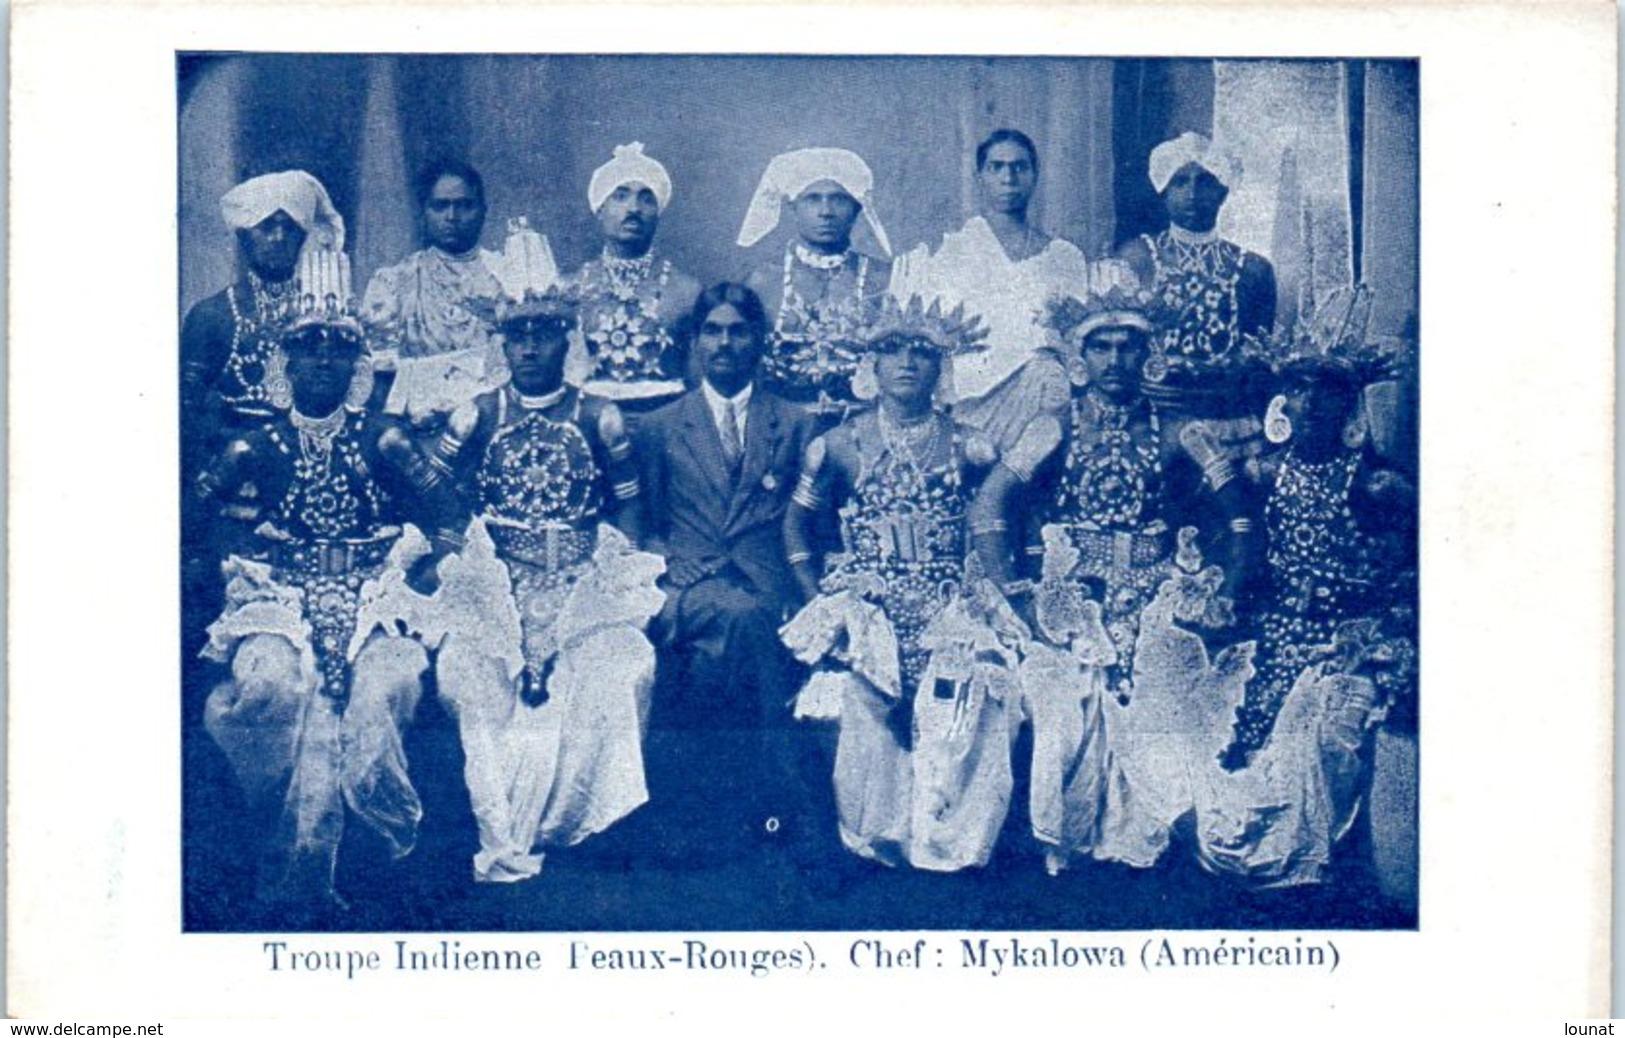 Troupe Indienne Peaux Rouges : Chef : Mykalowa (Américain) - Evénement - Ethniques & Cultures